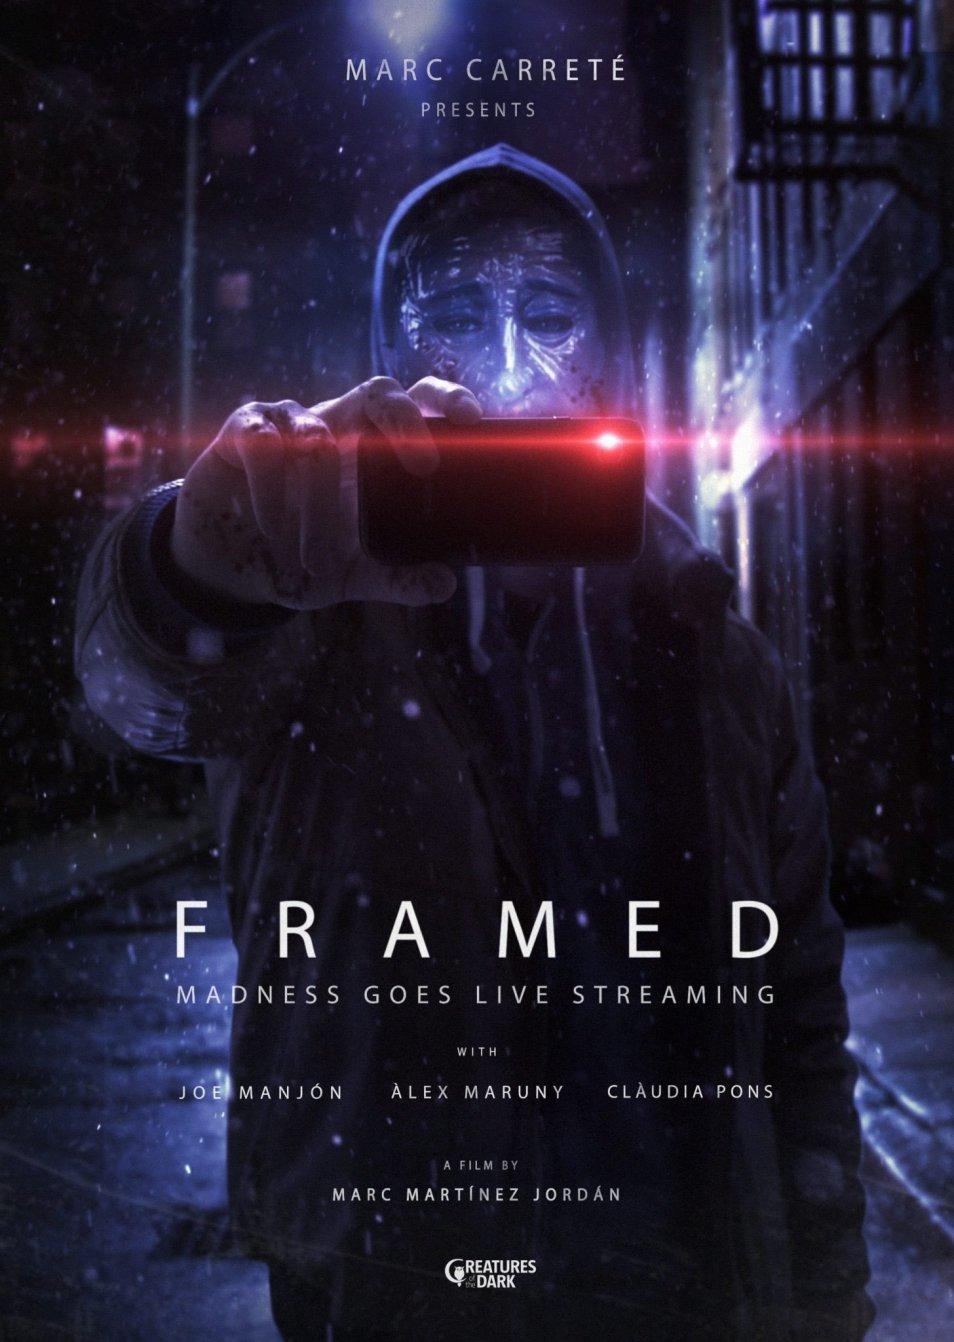 framed-2016-horror-film-poster.jpg